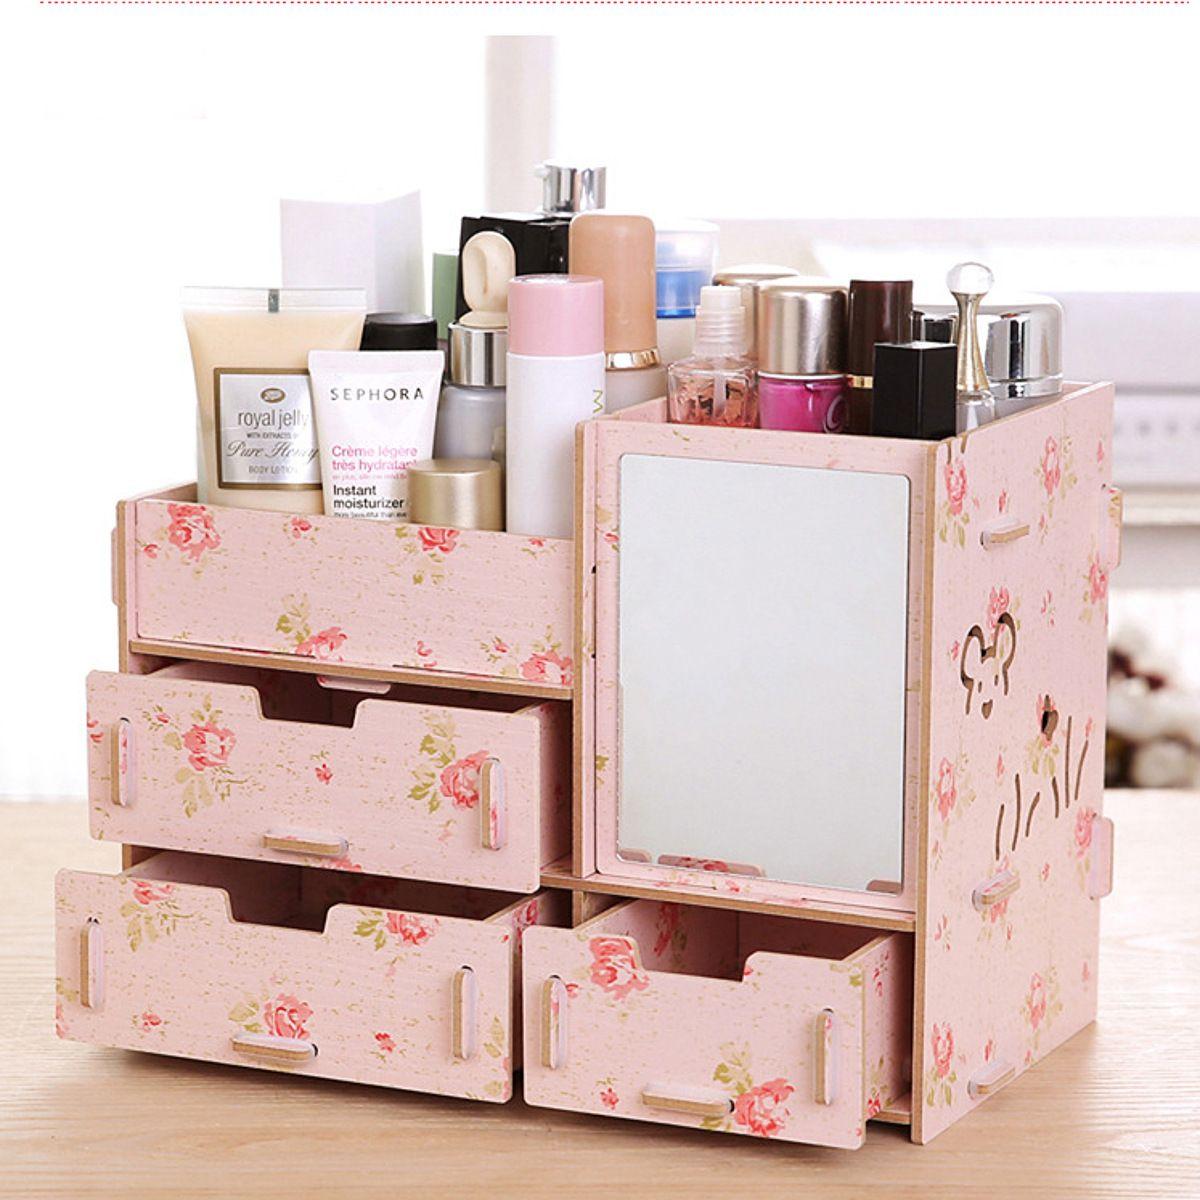 Eachine1 Desktop Storage Case Wooden Cosmetic Drawer Makeup Organizer Makeup Storage Box Container For Home Office Makeup Storage Box Makeup Storage Wood Makeup Organizer